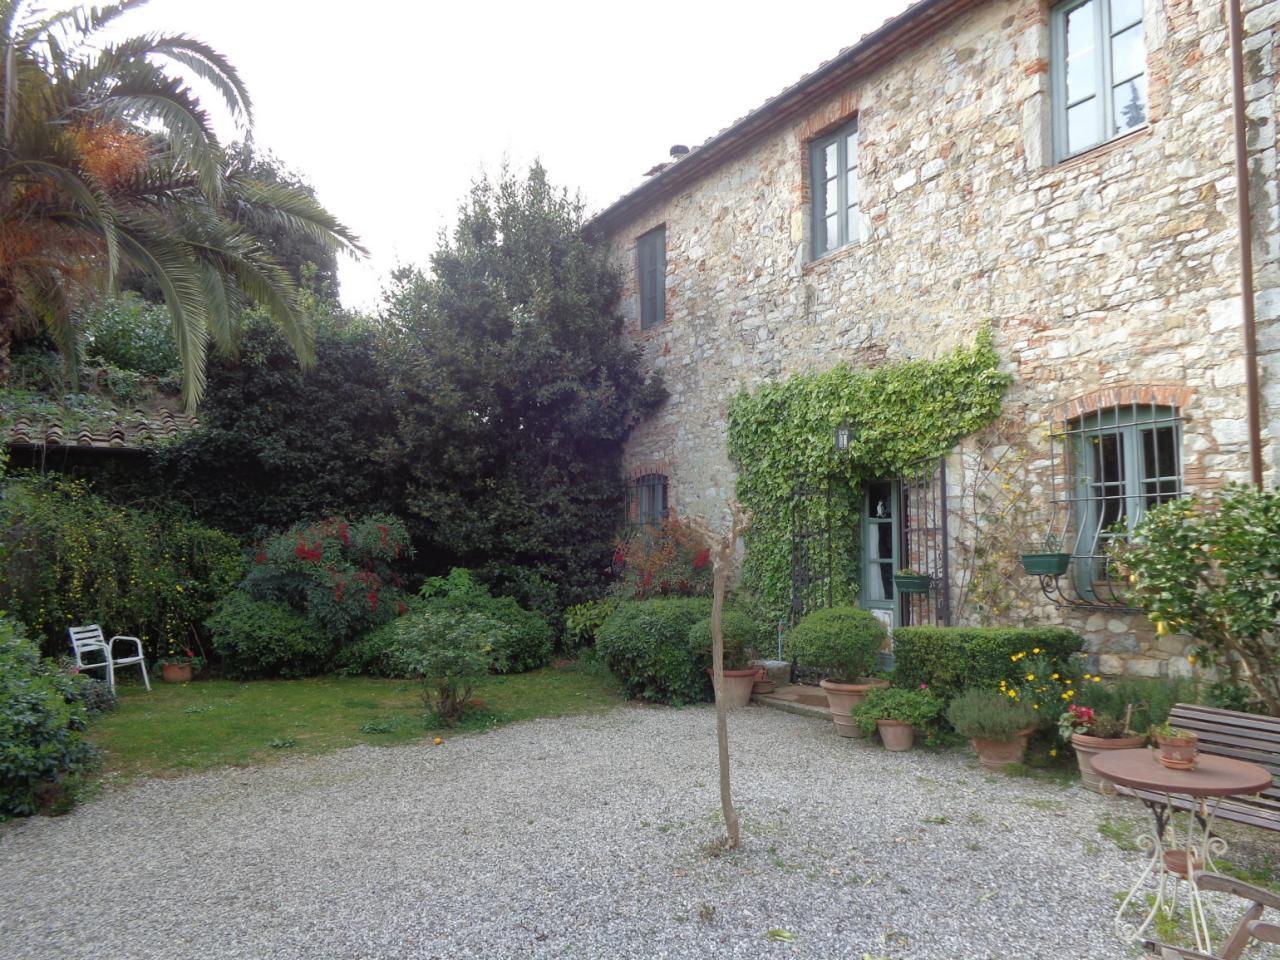 Rustico / Casale in vendita a Massarosa, 16 locali, zona Zona: Compignano, prezzo € 2.000.000 | Cambio Casa.it